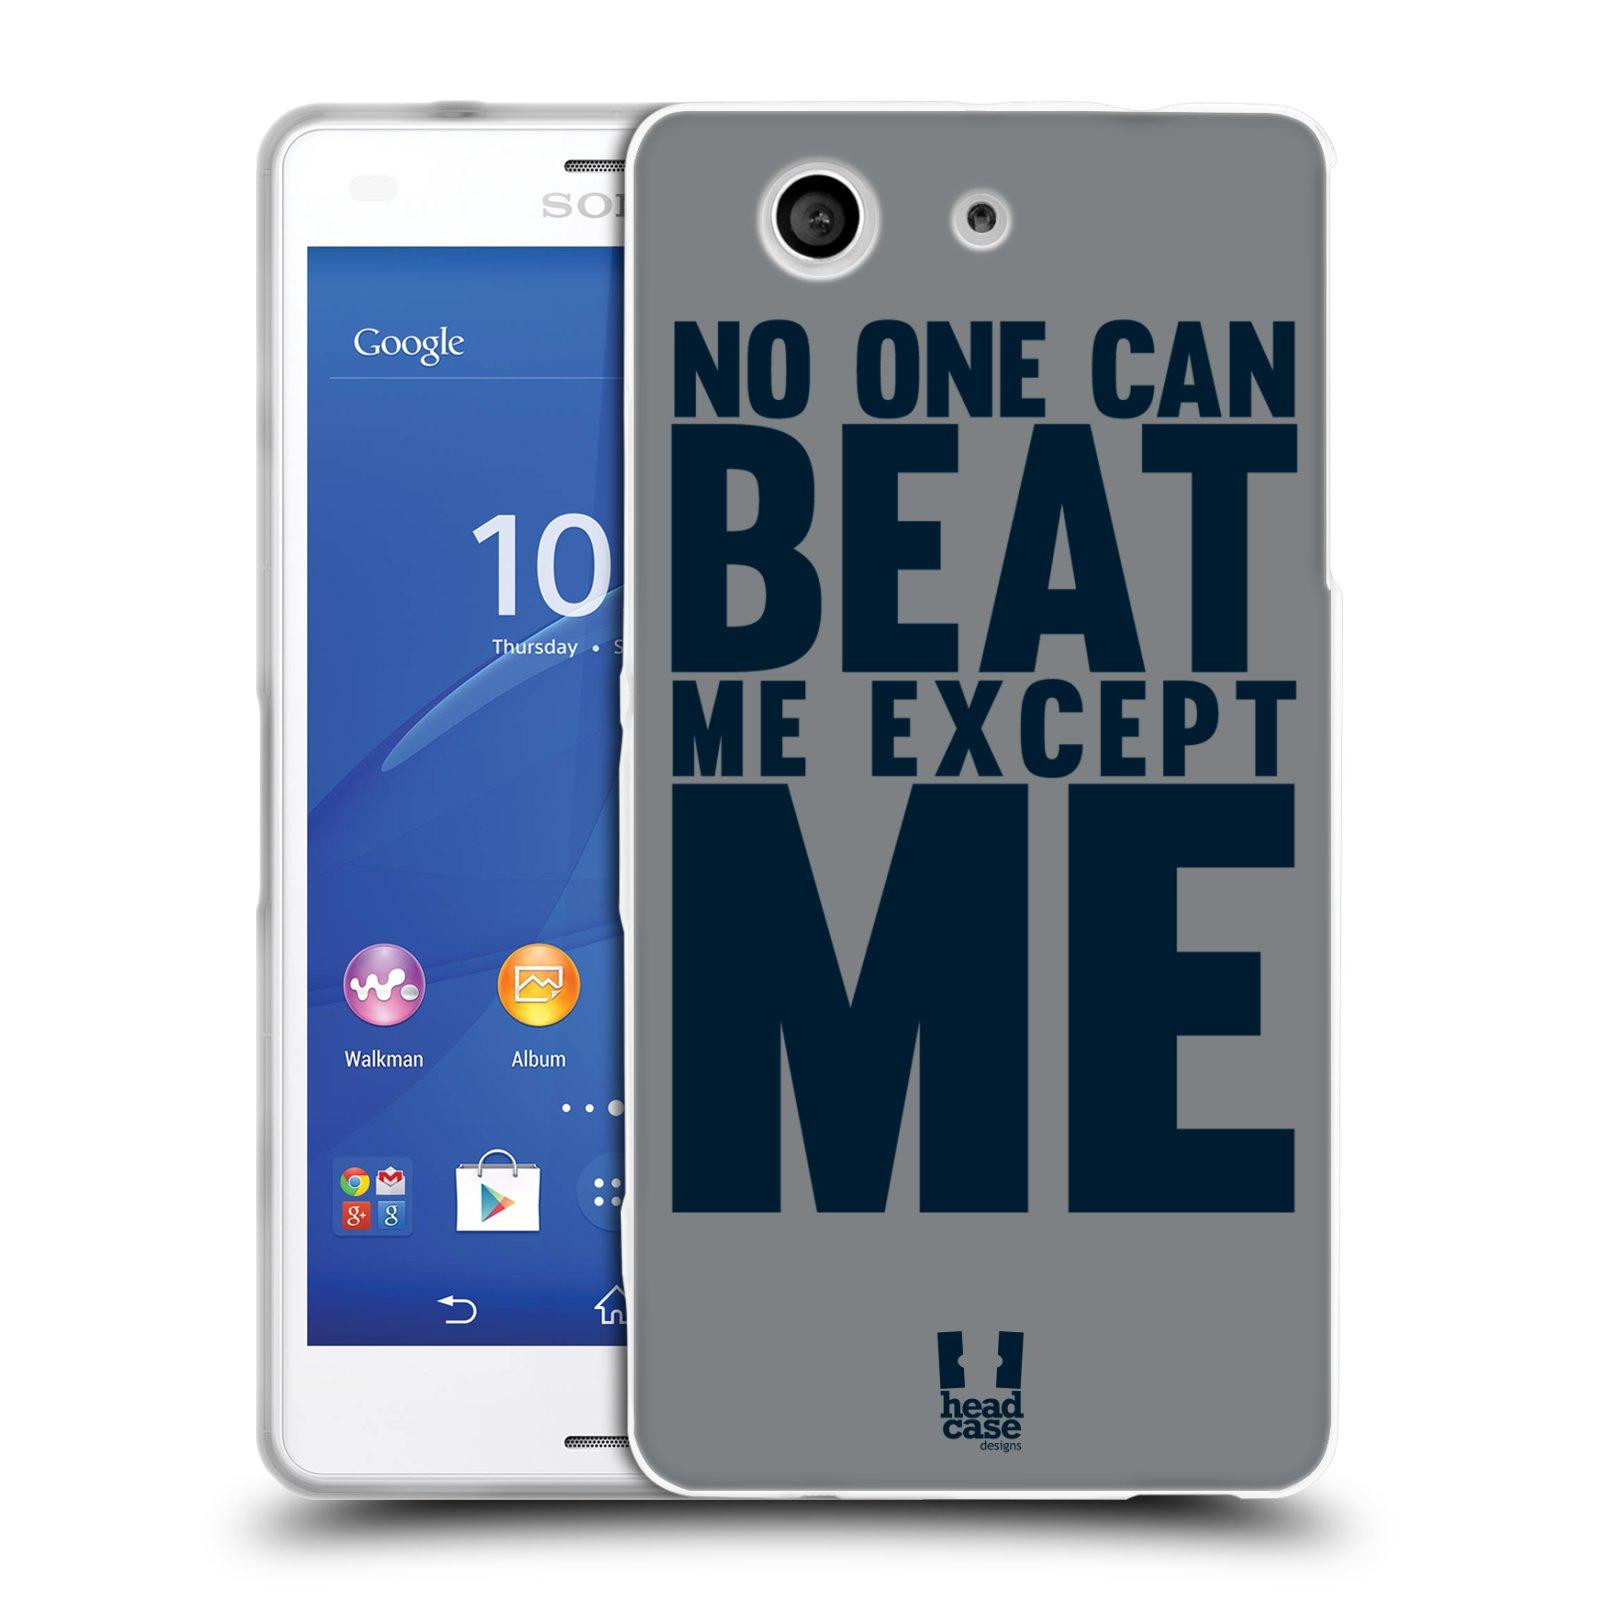 HEAD CASE silikonový obal na mobil Sony Xperia Z3 COMPACT Sportovní tématika síla vůle Beat ME